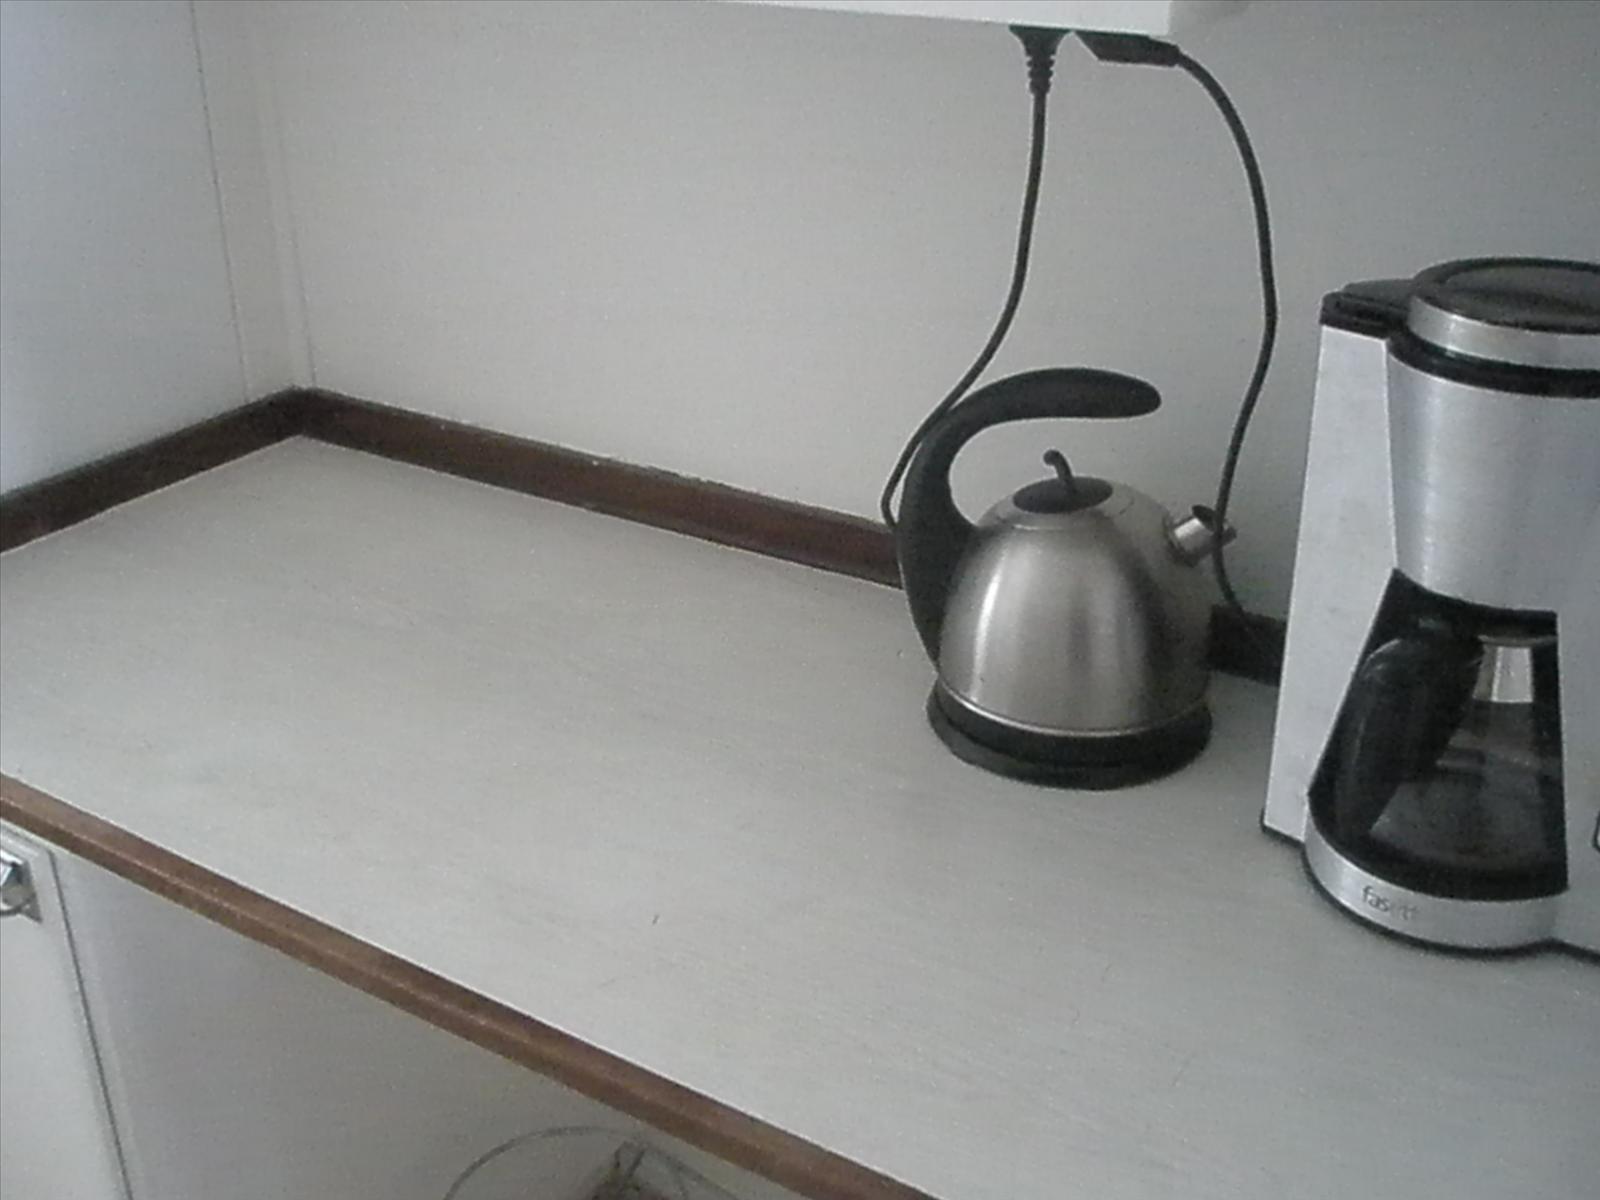 Göra om en köksbänk? Bygga& Renovera Hemmet iFokus